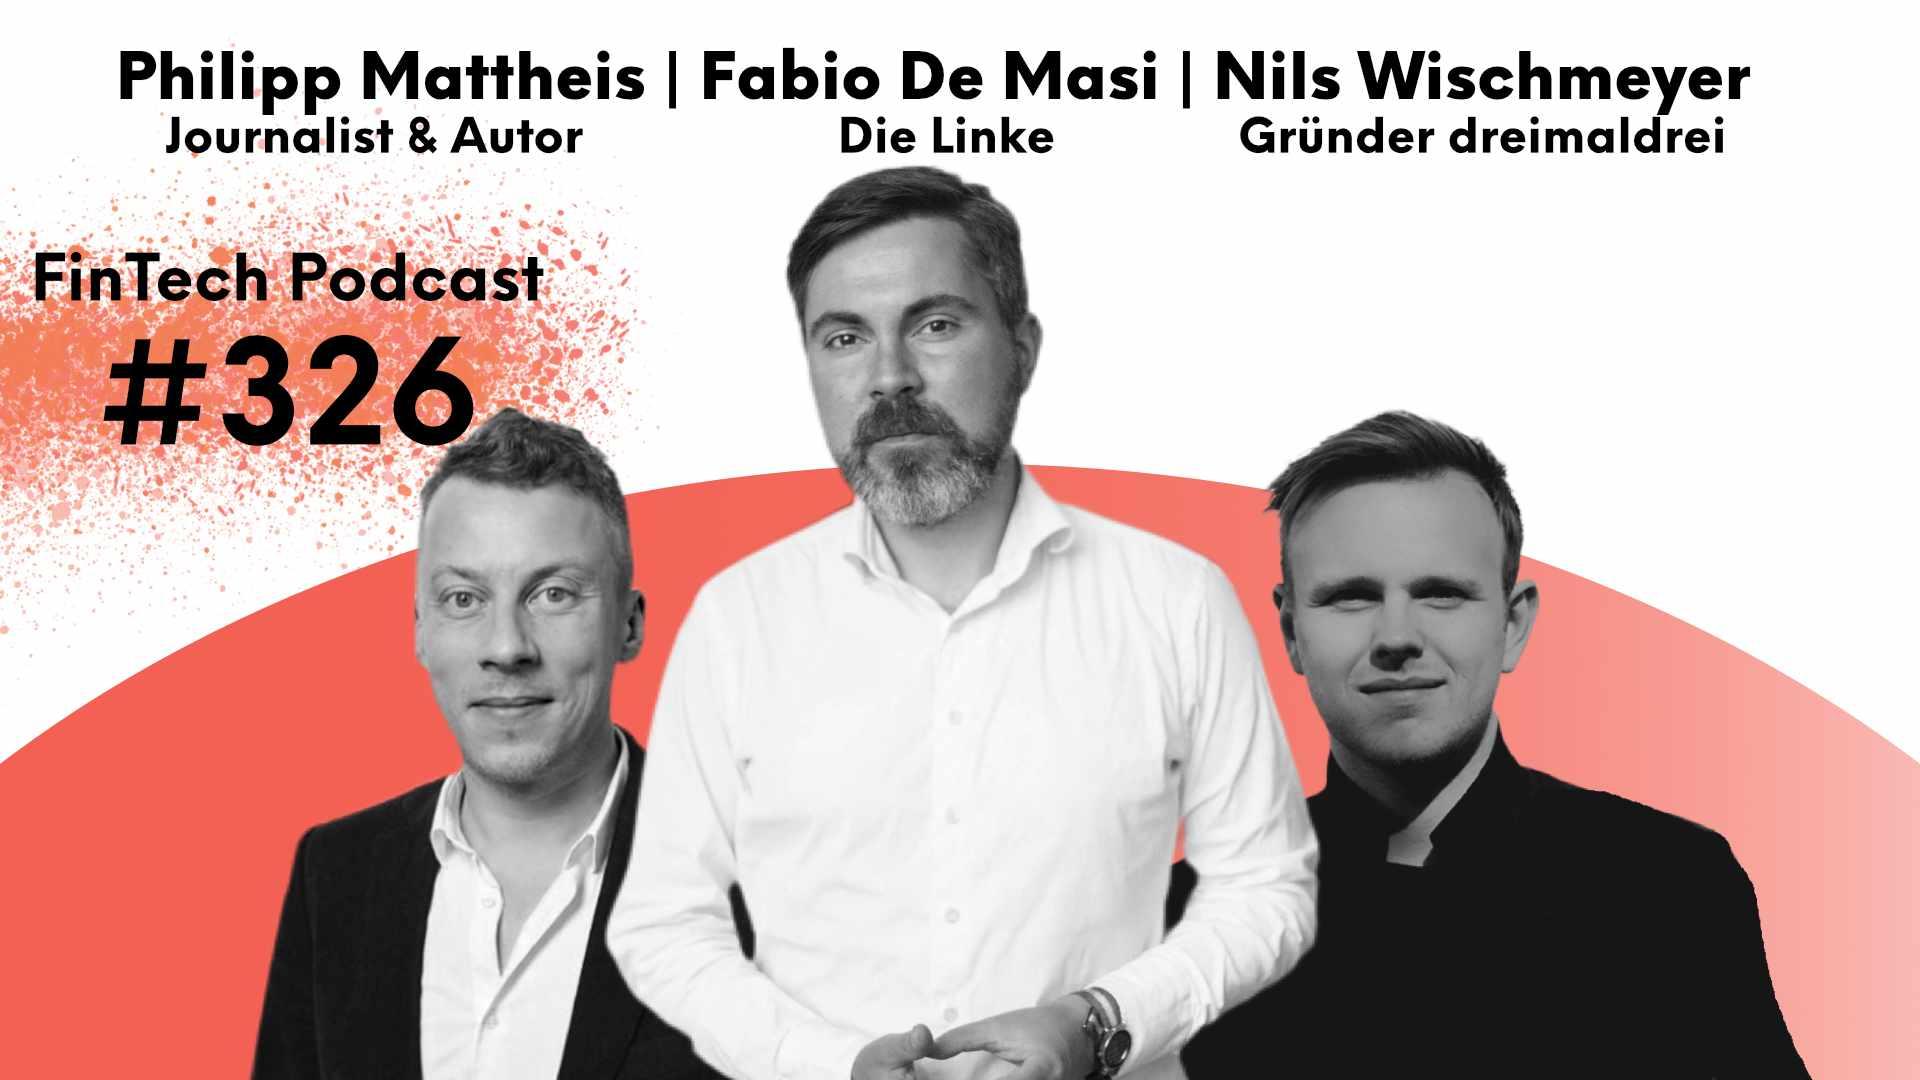 Bildmontage: Philipp Mattheis, Fabio de Masi (Die Linke) und Nils Wischmeyer (v.l.n.r.)